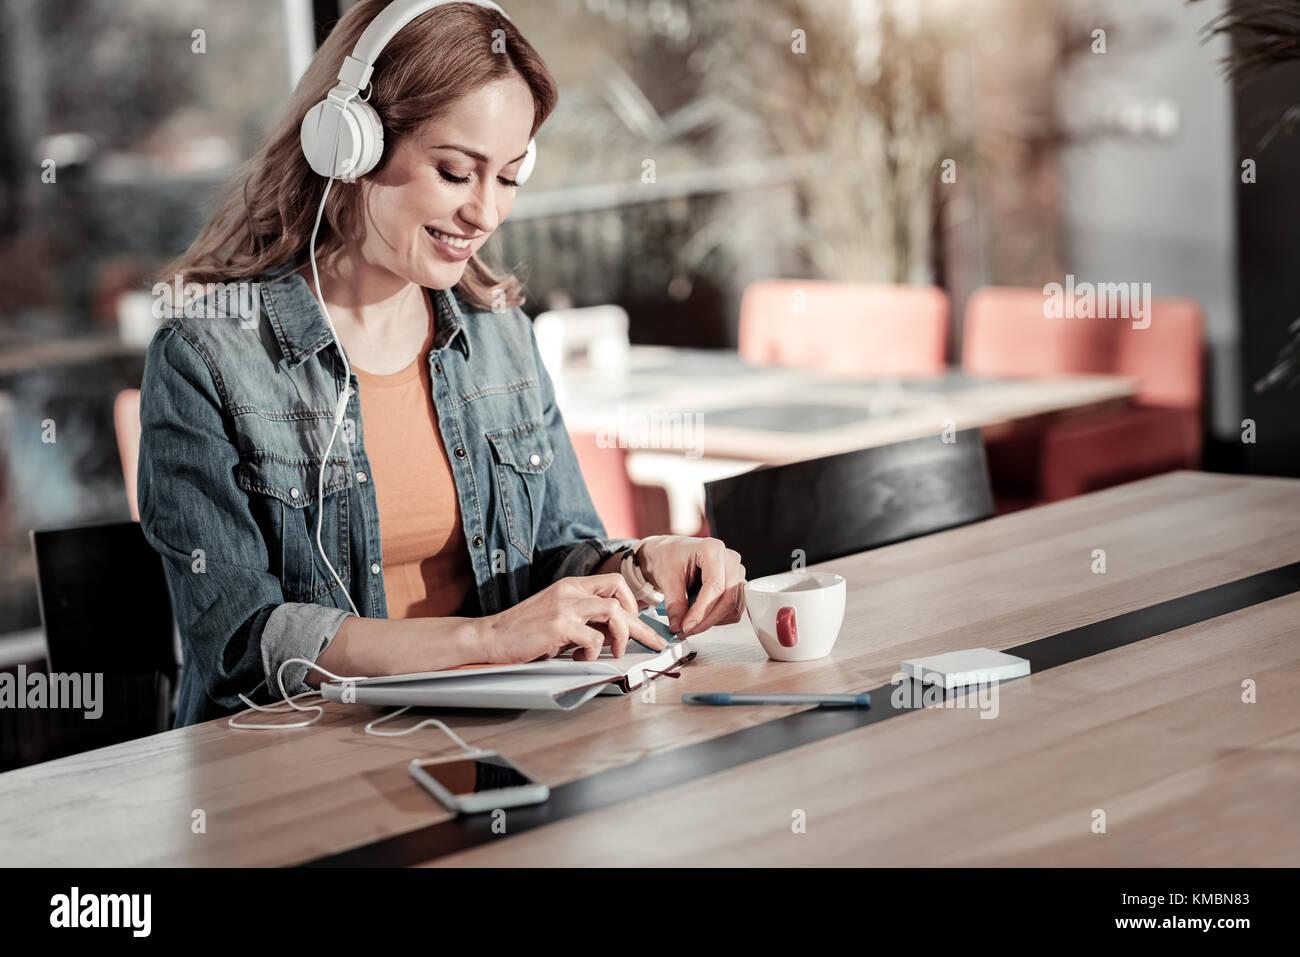 Sorridente giovane donna avente una mattinata produttiva in un cafe Immagini Stock